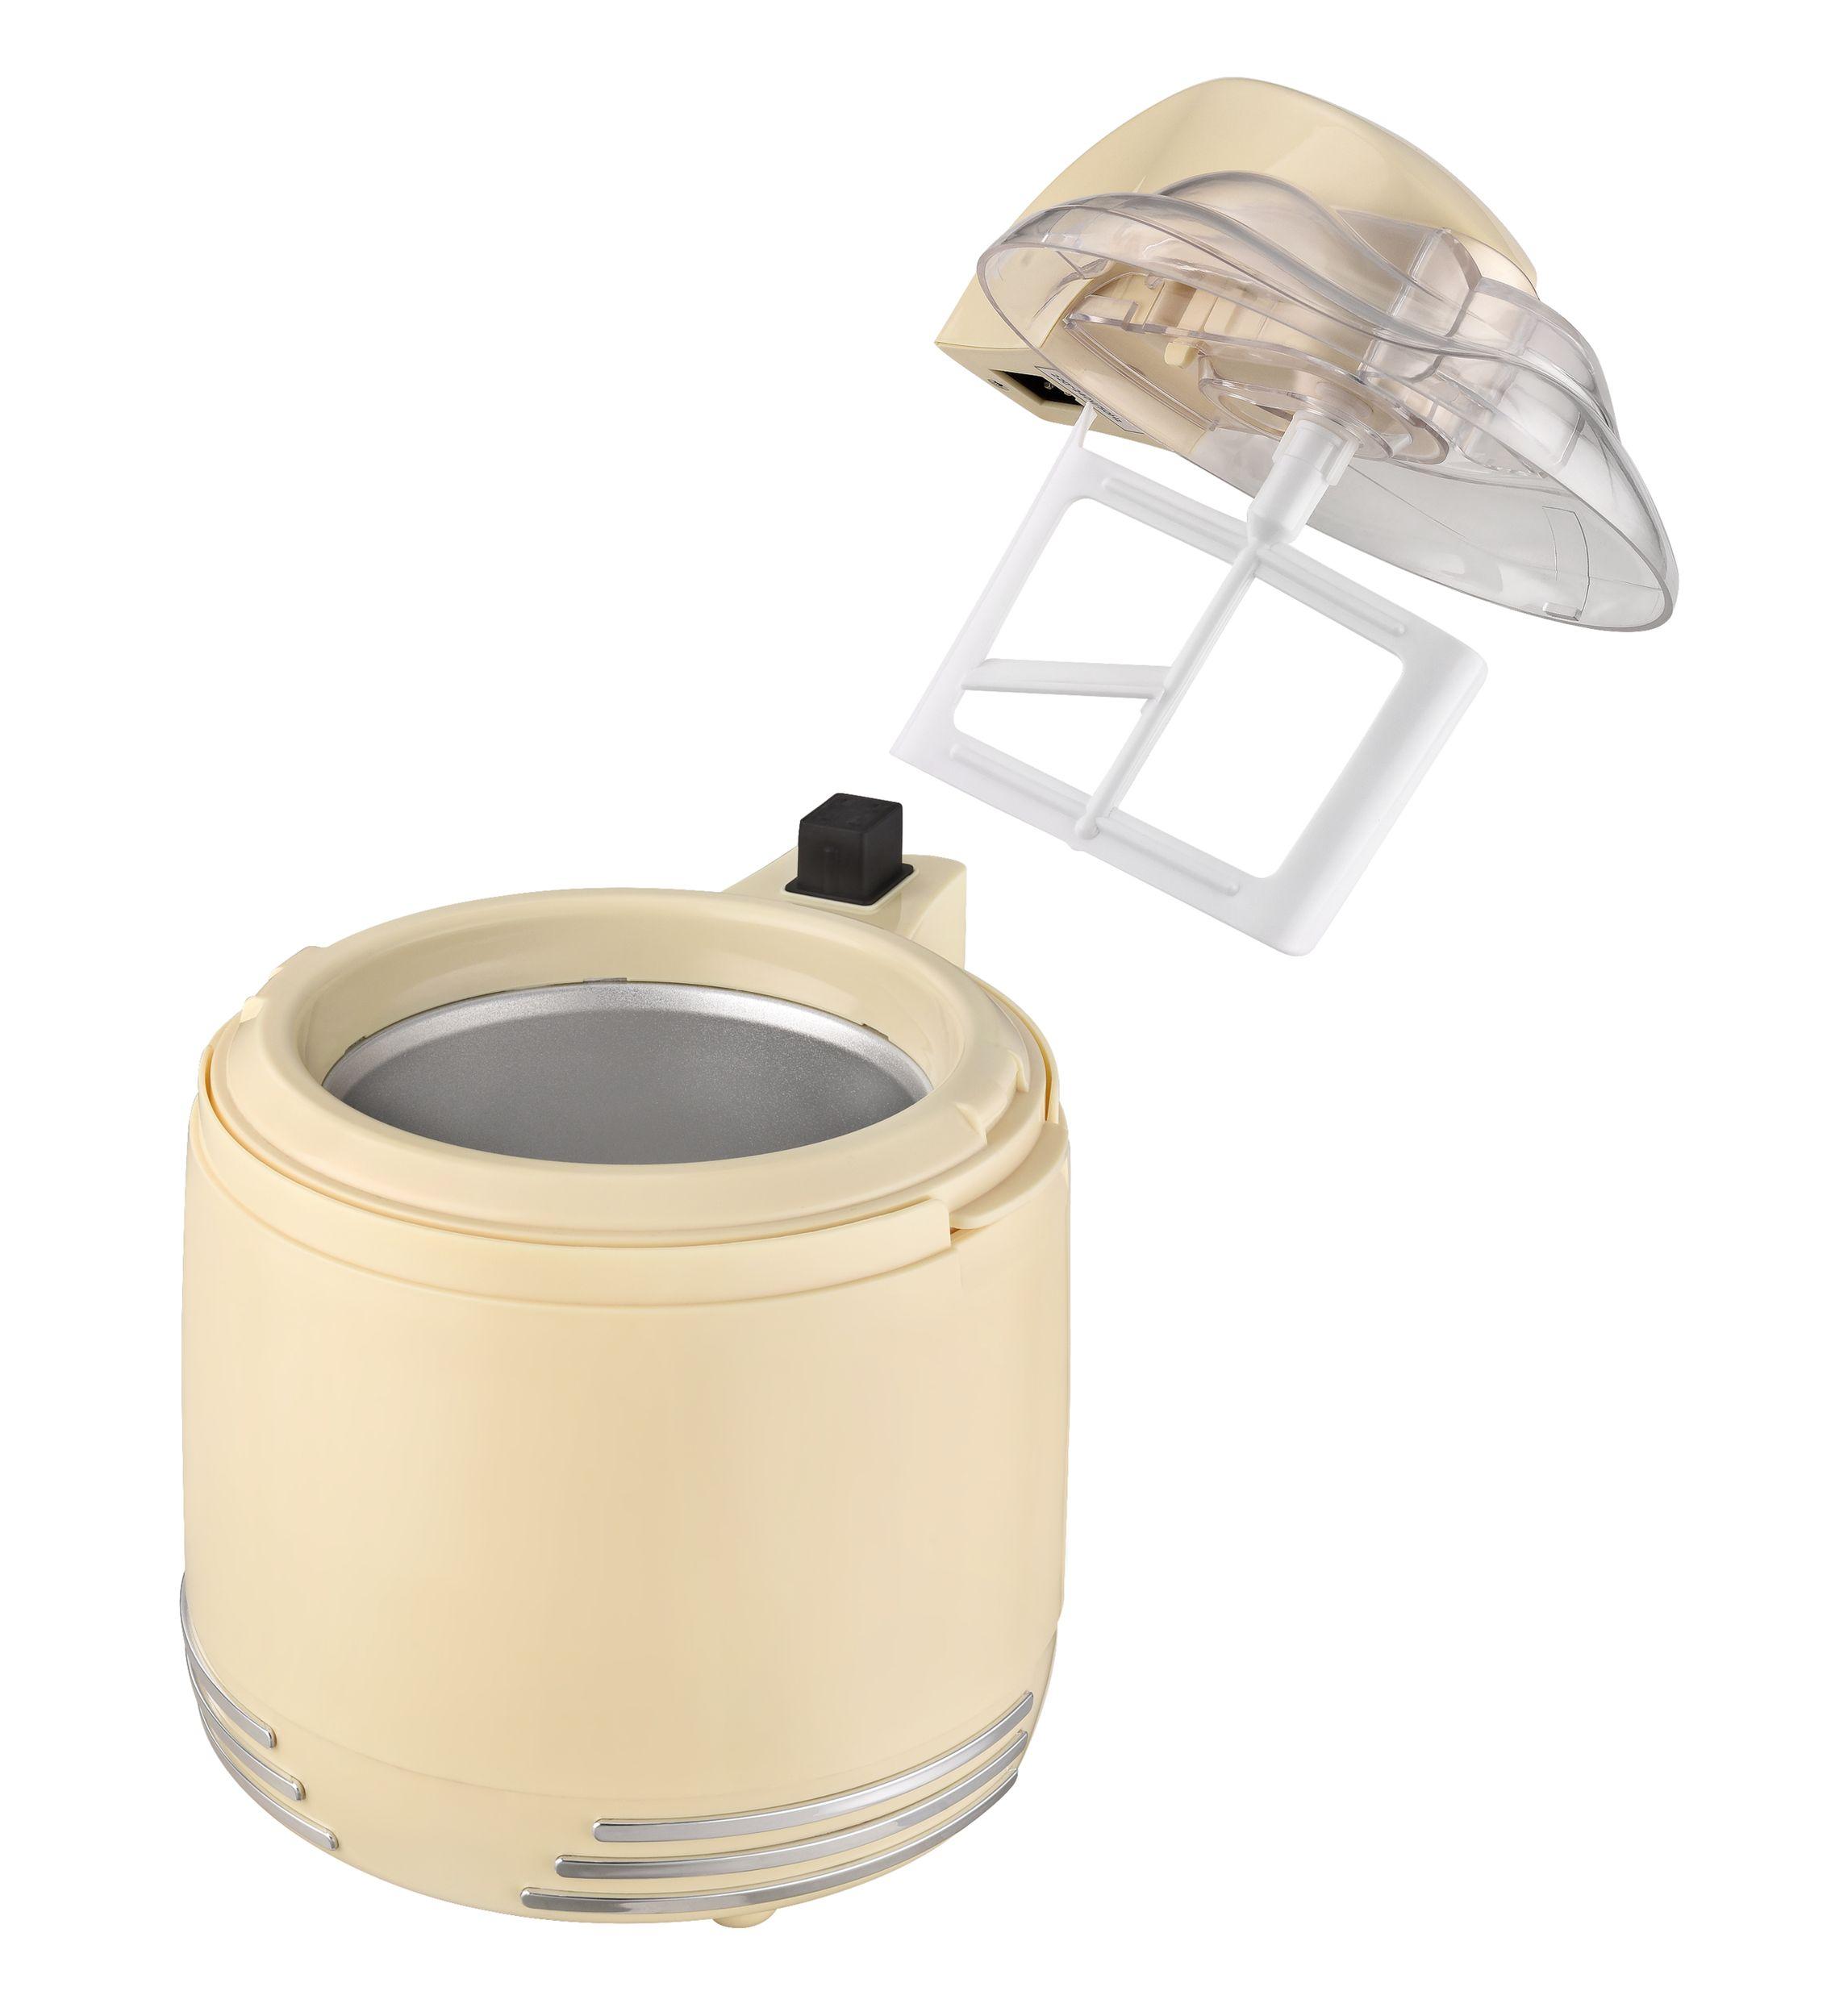 2 in 1 Retro Eismaschine Joghurtbereiter Eiscreme Joghurt Maker Kühlgefäß creme-weiß NEU 15 W *93053 Bild 7